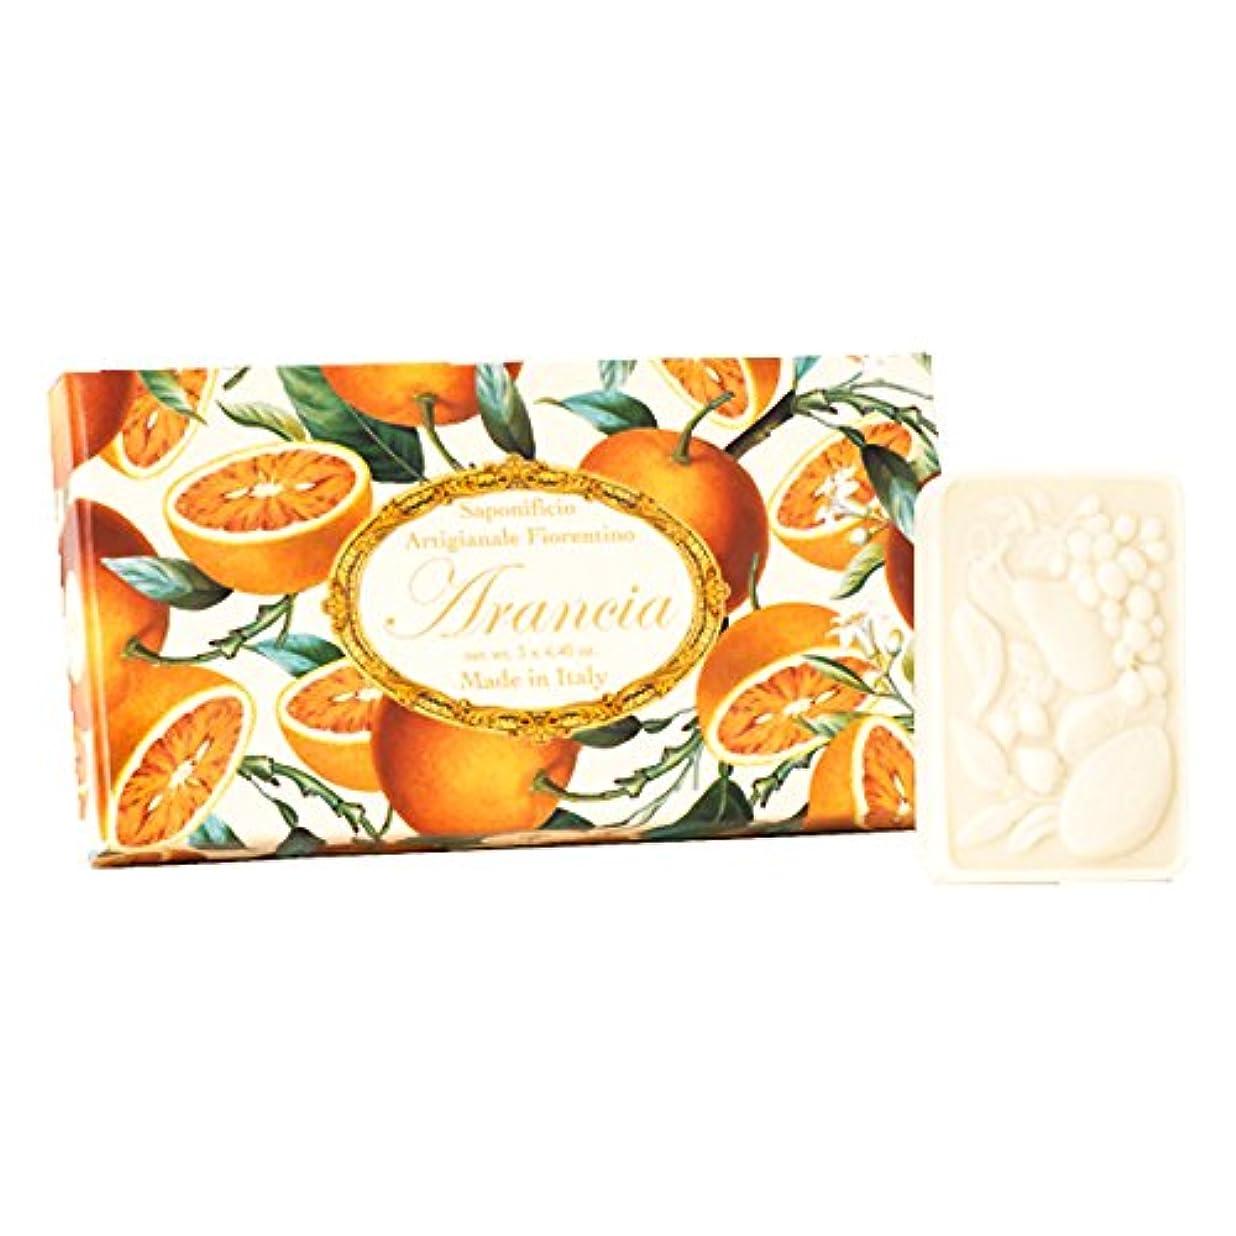 ひまわりインキュバス契約フィレンツェの 長い歴史から生まれたこだわり石鹸 オレンジ【刻印125g×3個セット】